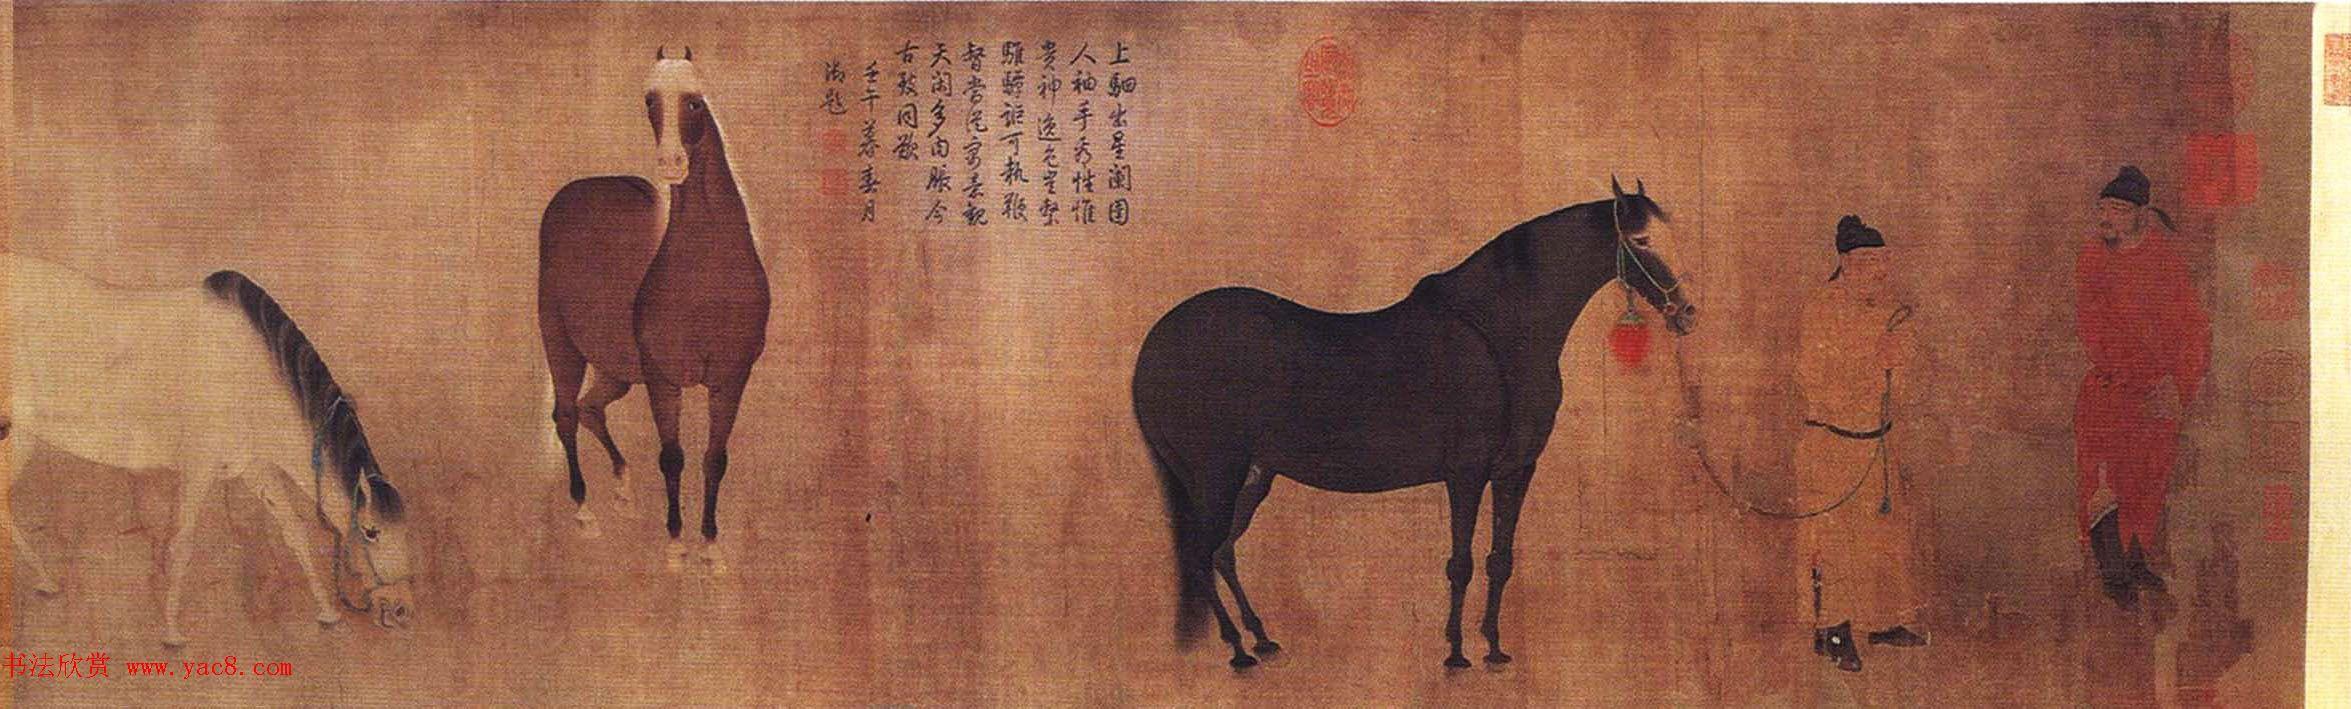 传世作品有:至元十七年(1280)作《出圉图》卷,《二马图》卷,《张果见明皇图》卷,藏故宫博物院;《秋水凫鹥图》轴,藏上海博物馆;《饮中八仙图》《贡马图》《横琴高士图》《秋林诗友图》藏台北故宫博物院;《神骏图》《三骏图》《九马图》在美国;《饲马图》在英国;《文会图》《牵马图》等在日本。著有《浙西水利议答录》十卷。《书史会要》、《书画史》、《六研斋随笔》、《黄渡镇志》、《海上墨林》、《练水画徵录》。  任仁发《二马图》:绢本设色 纵28.